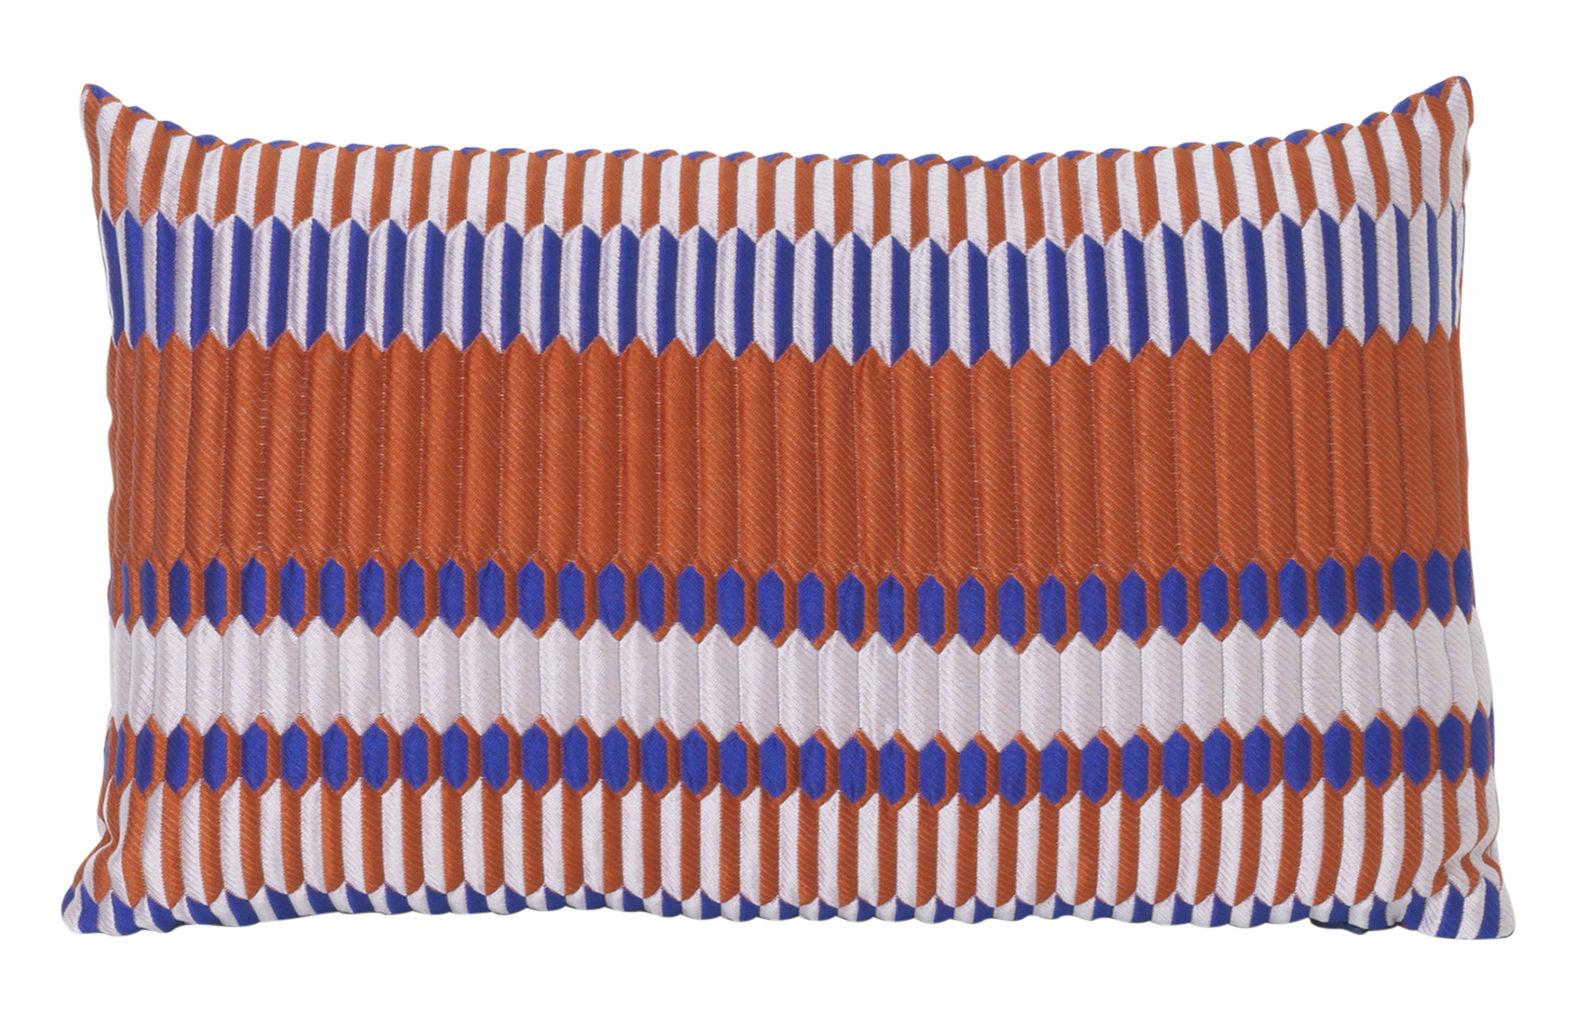 Déco - Coussins - Coussin Salon - Pleat / 40 x 25 cm - Ferm Living - Rouille - Mélange de fibres, Plumes